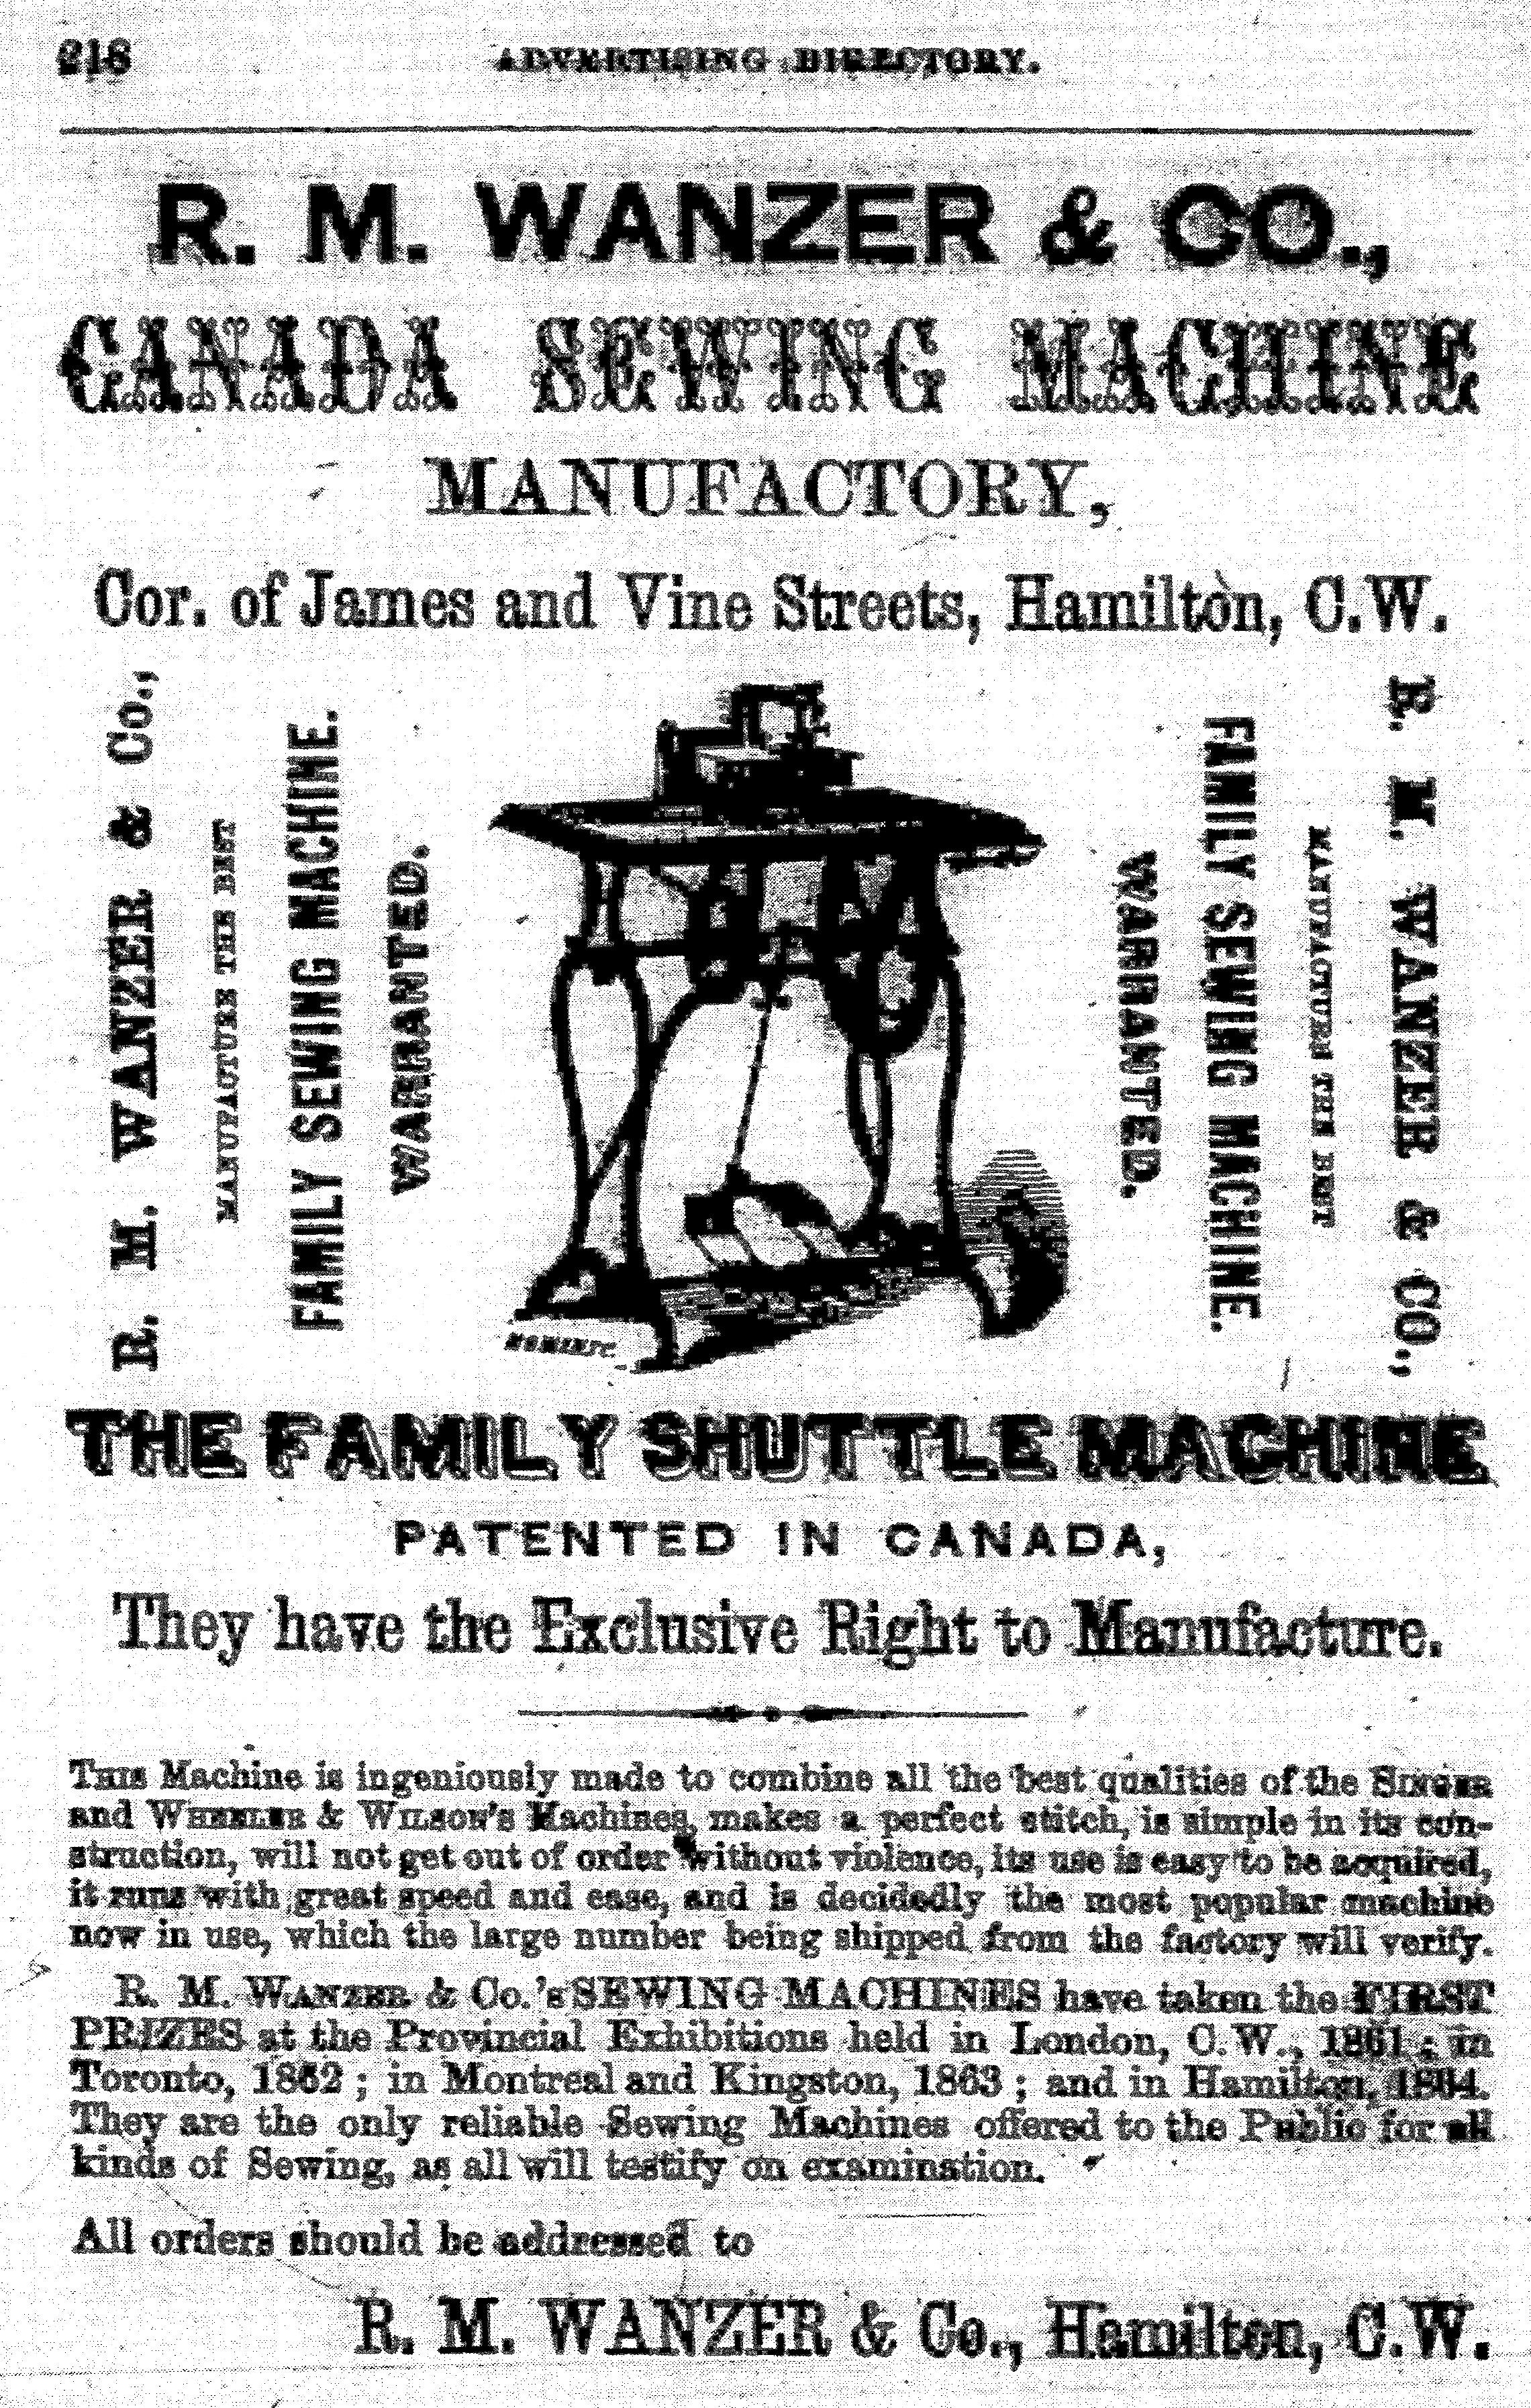 Annonce imprimée de R.M. Wanzer & Company mettant en vedette la toute nouvelle machine à coudre familiale à navette du fabricant. La publicité explique comment passer une commande et comprend une illustration du nouveau produit.